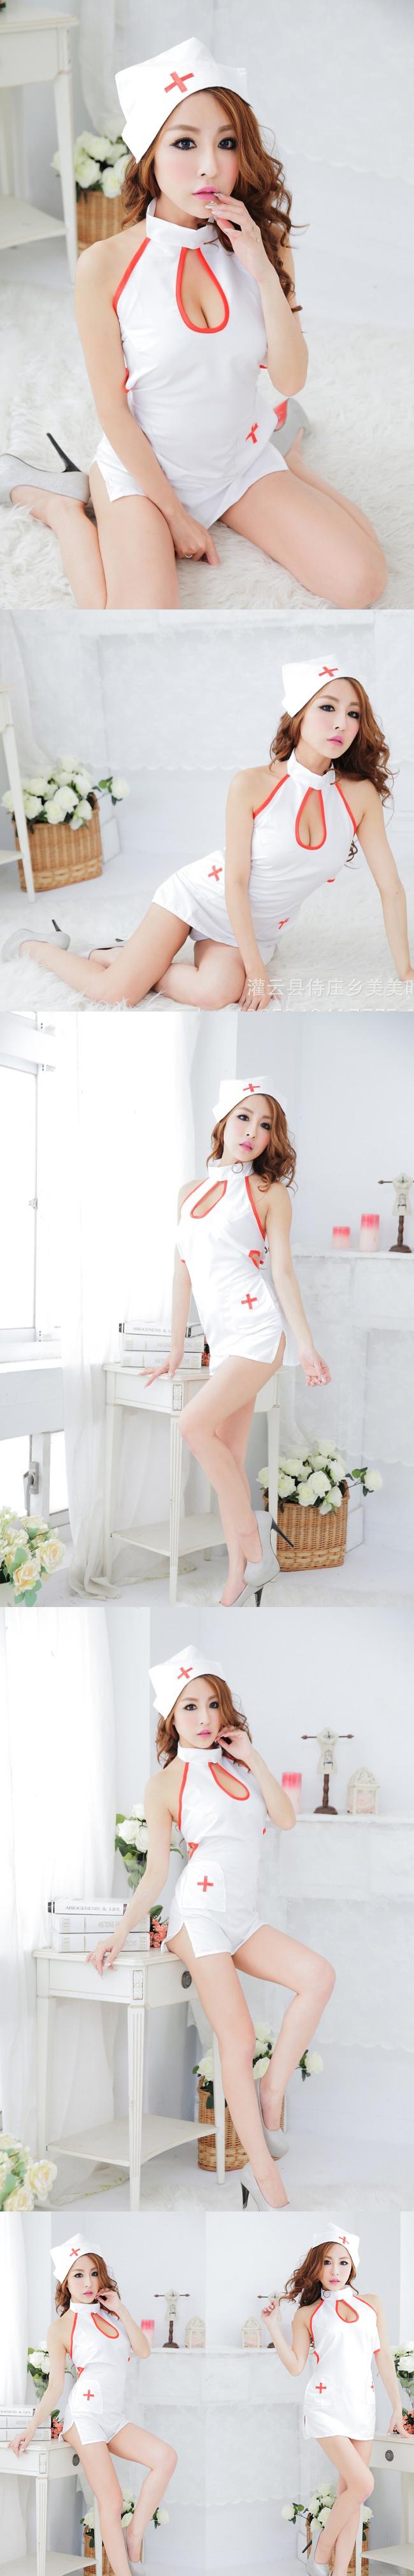 오픈 바스트 섹시 간호사[BA_C0092]